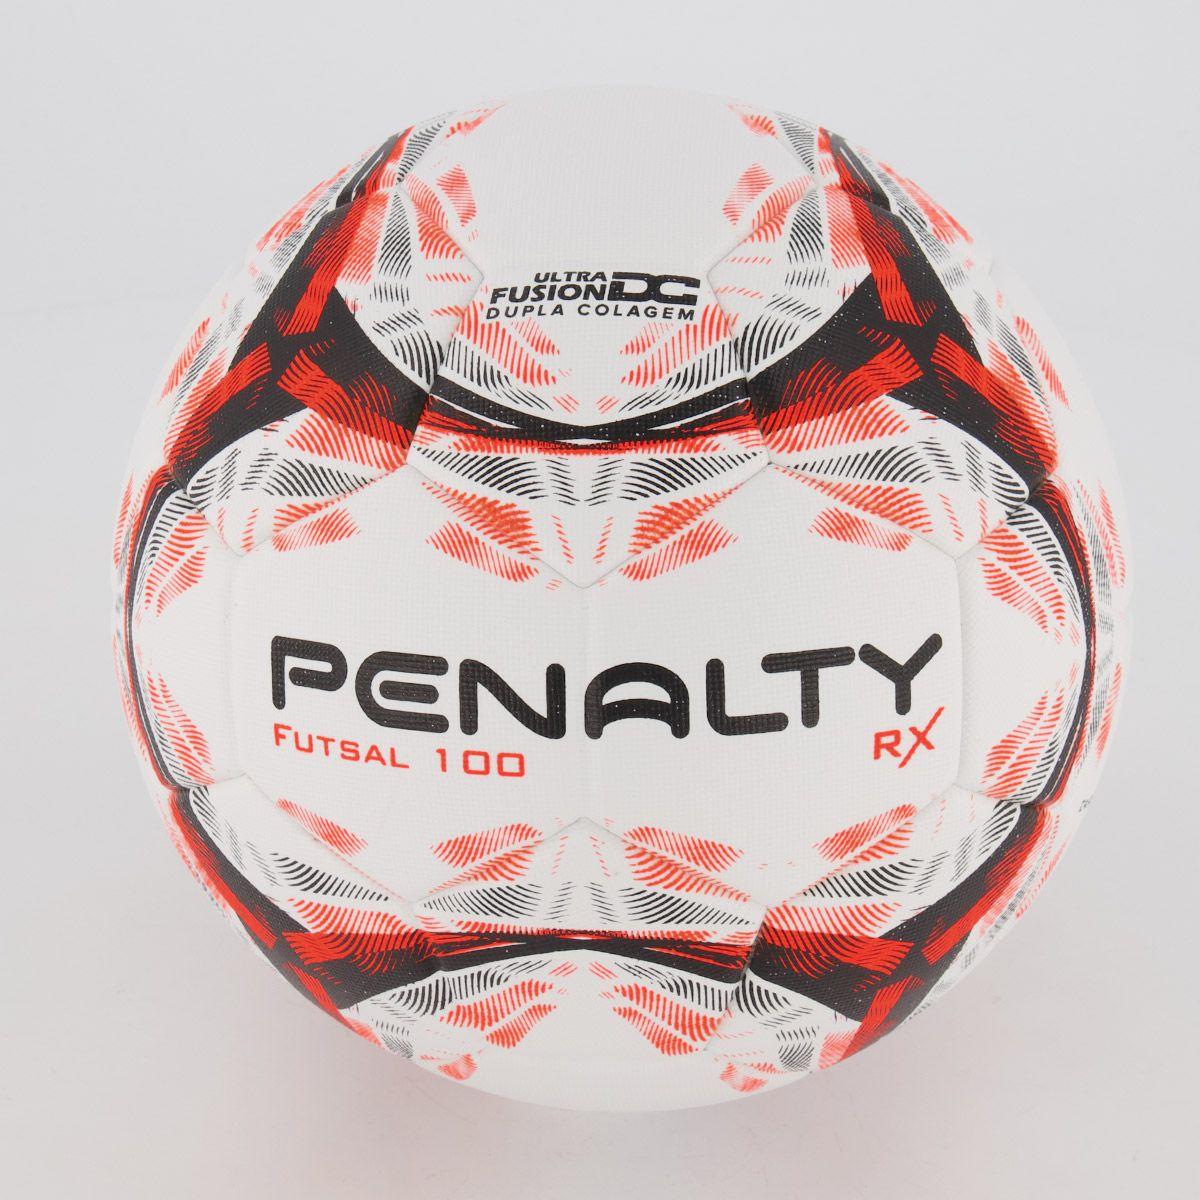 Cupom de desconto Bola Penalty RX R1 100 Futsal Branca